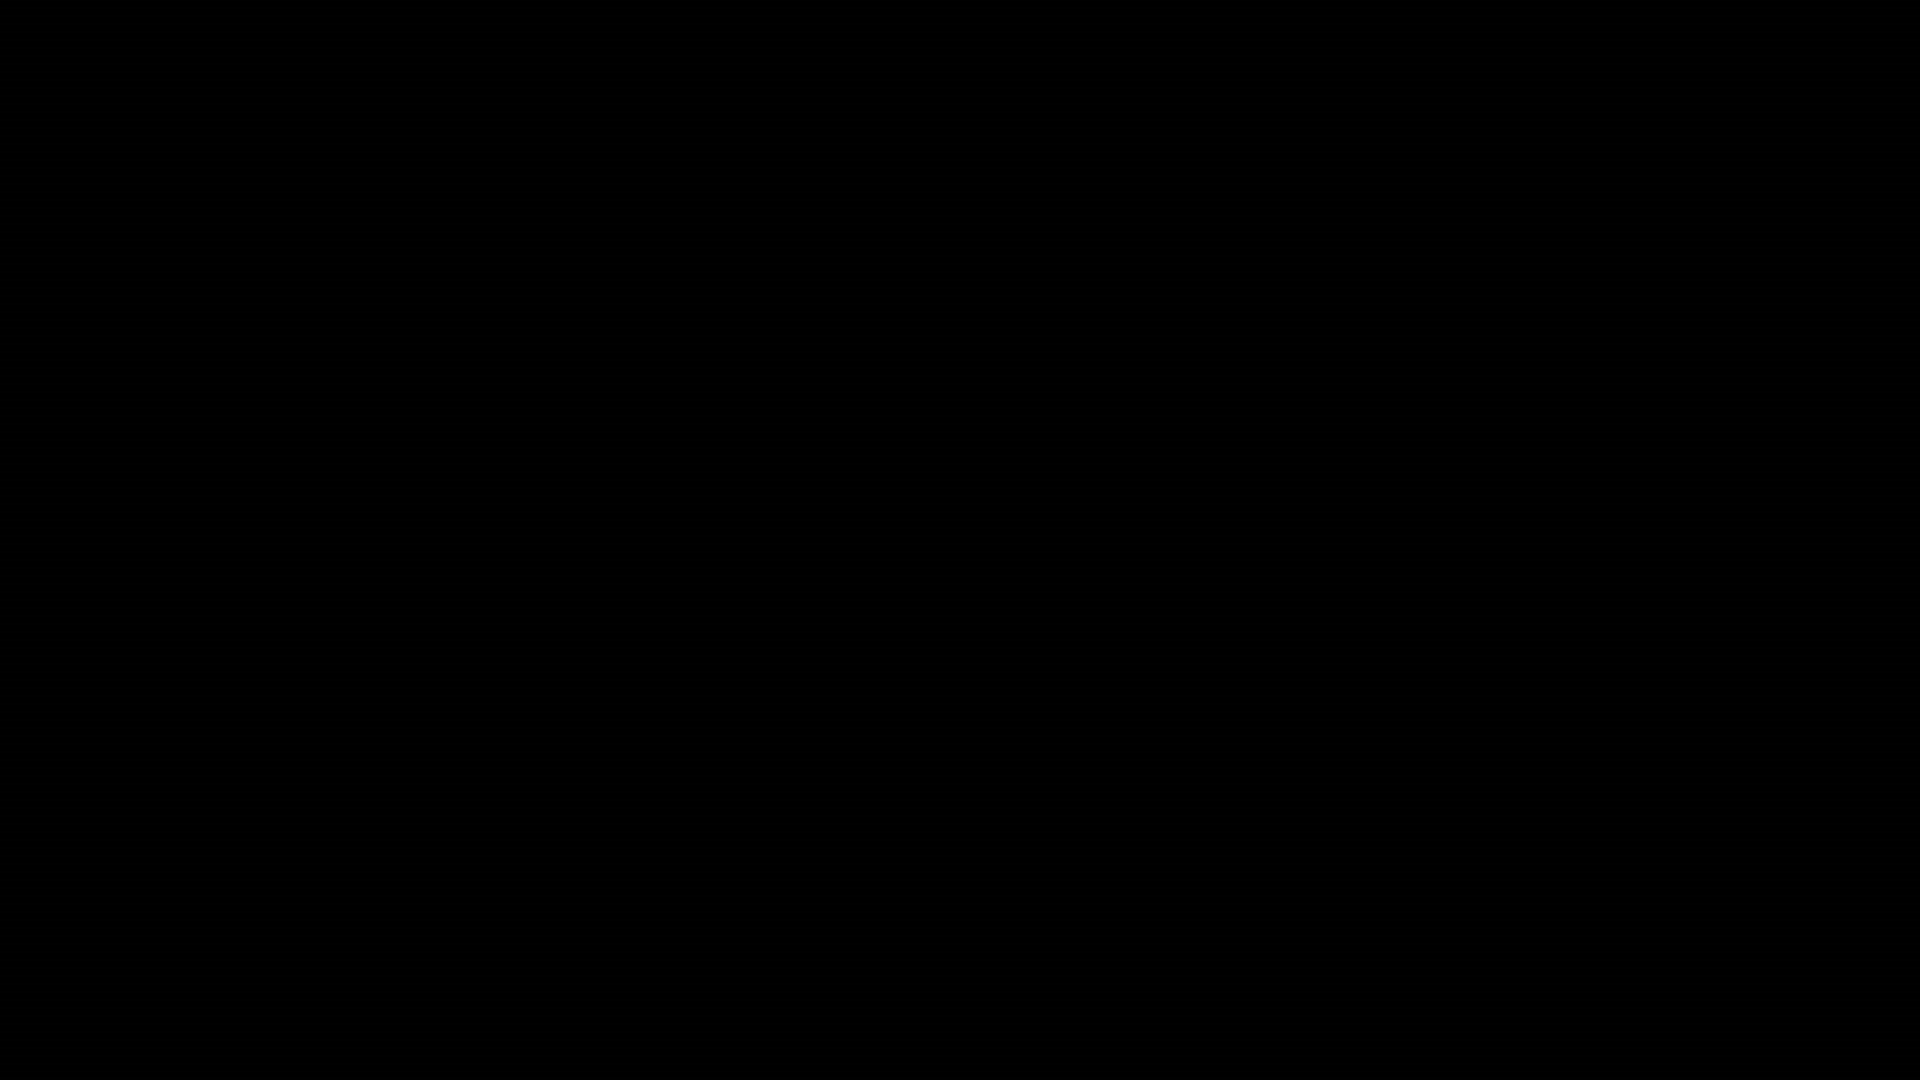 ที่กำหนดเอง5มิลลิเมตรไทเทเนียมกระจกตกแต่งใช้กันอย่างแพร่หลายสำหรับผนัง-Claddingsตกแต่ง